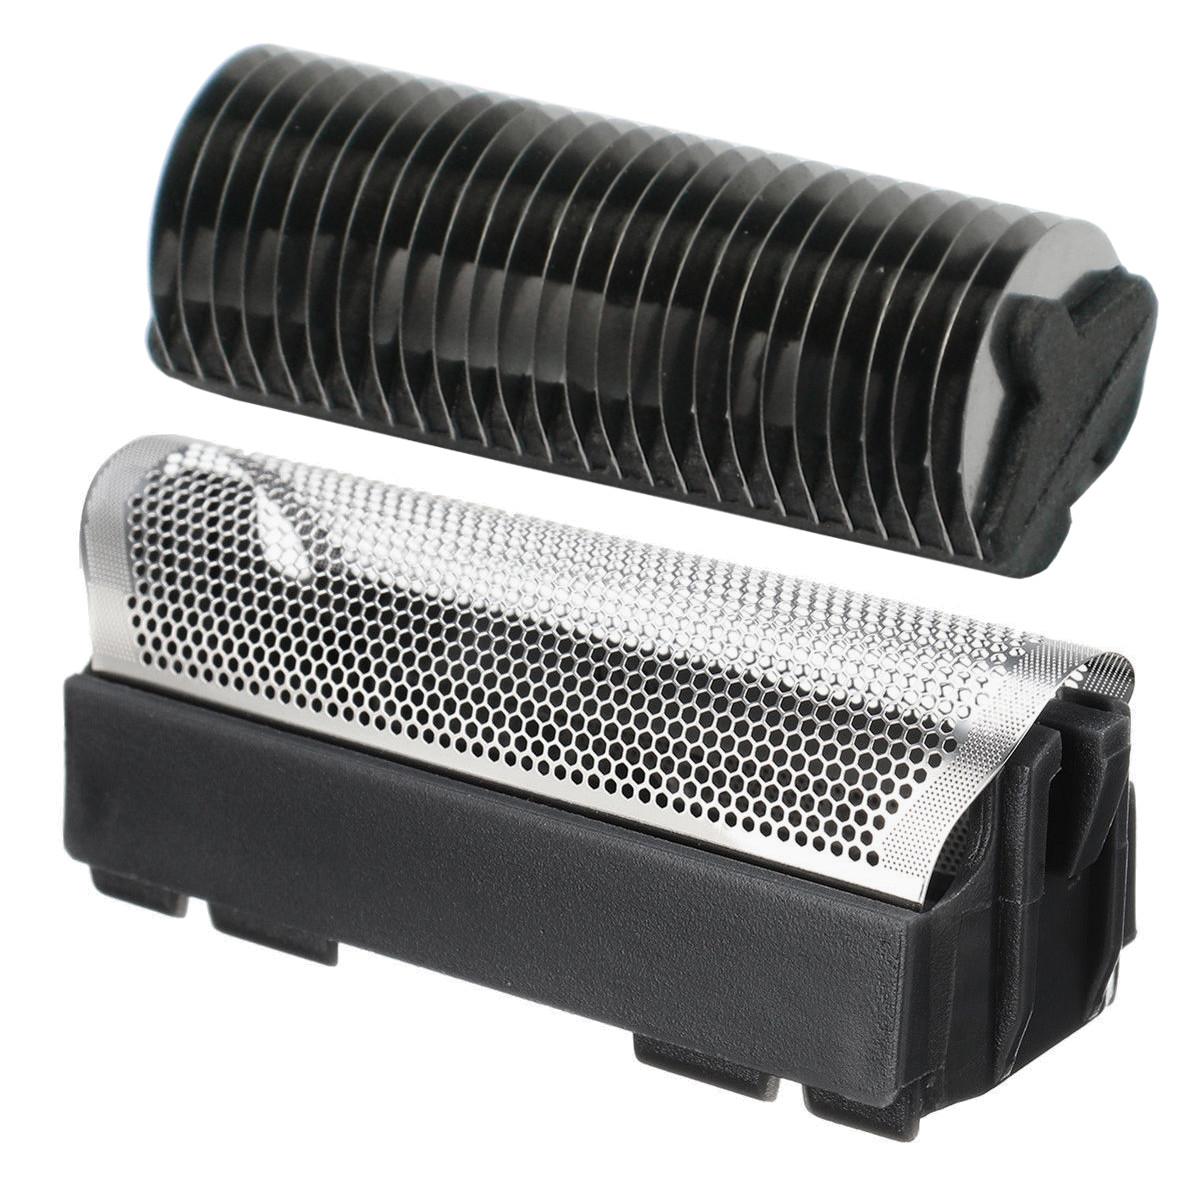 Kombi Paket Scherkopf und Messer für Braun 65564723 Micron Vario 3520